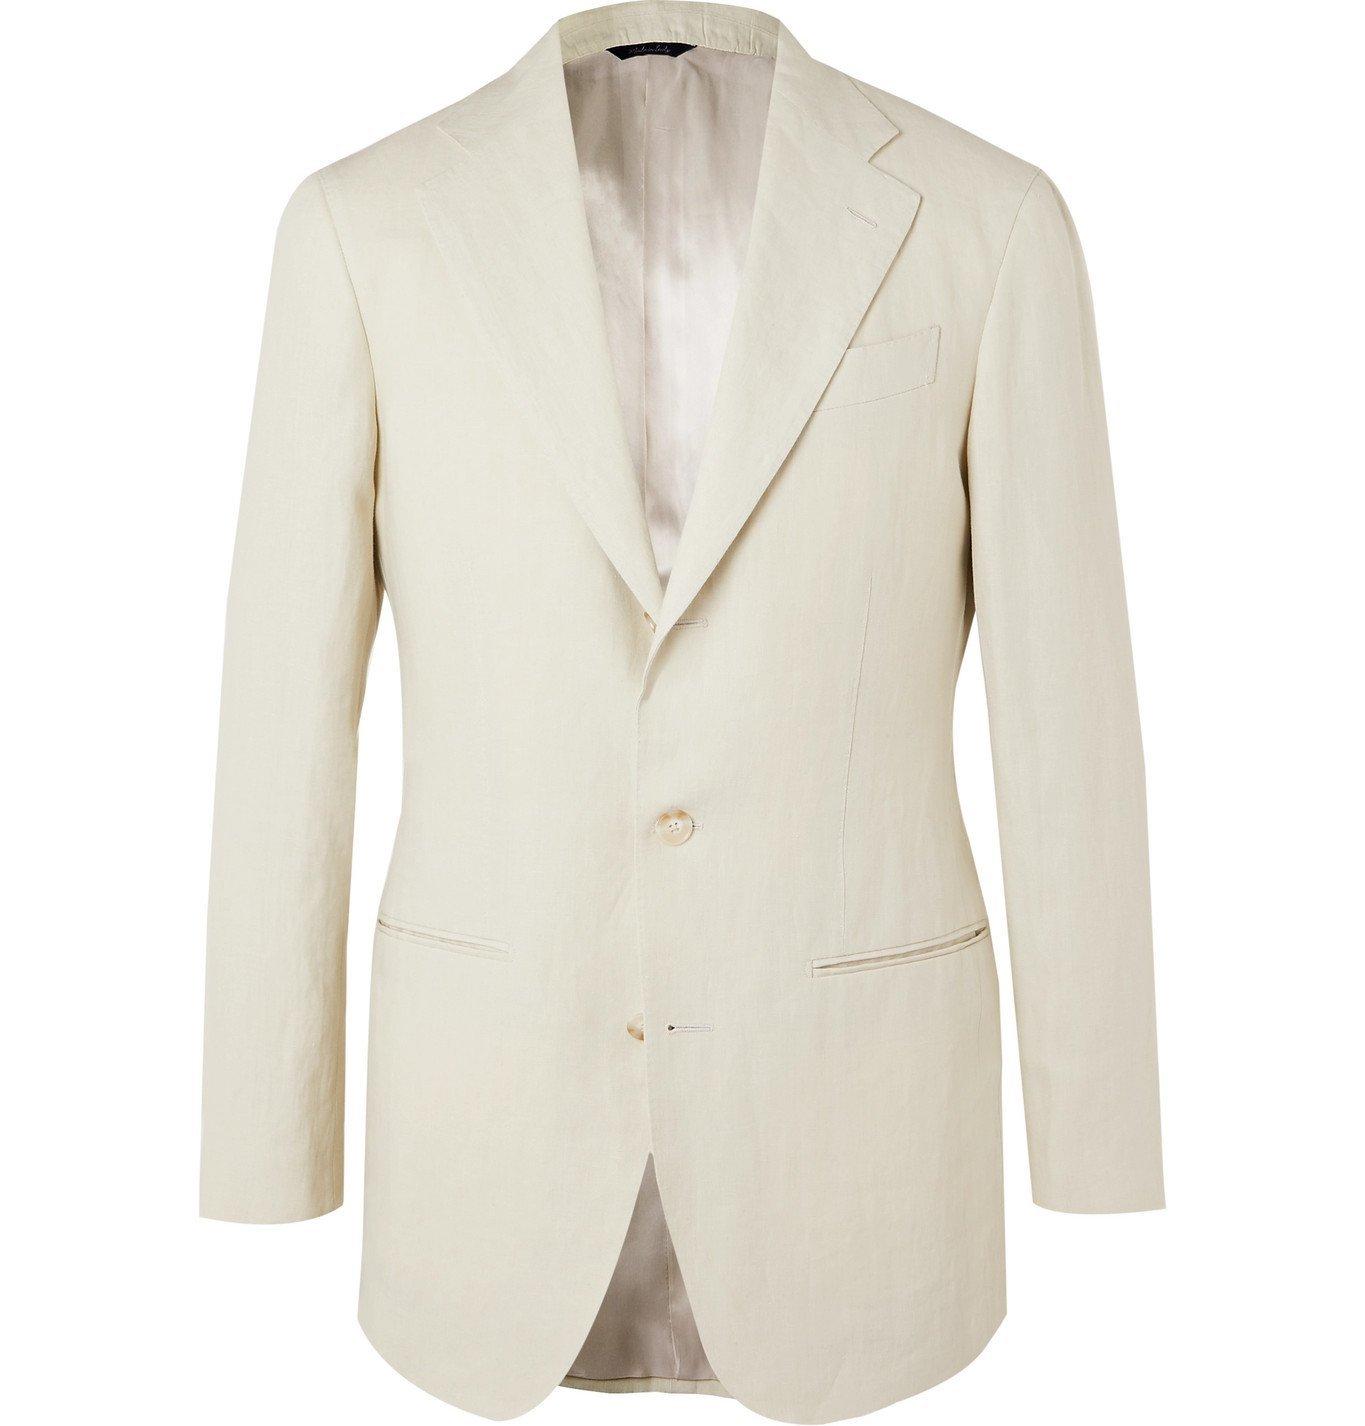 Saman Amel - Linen Suit Jacket - Unknown